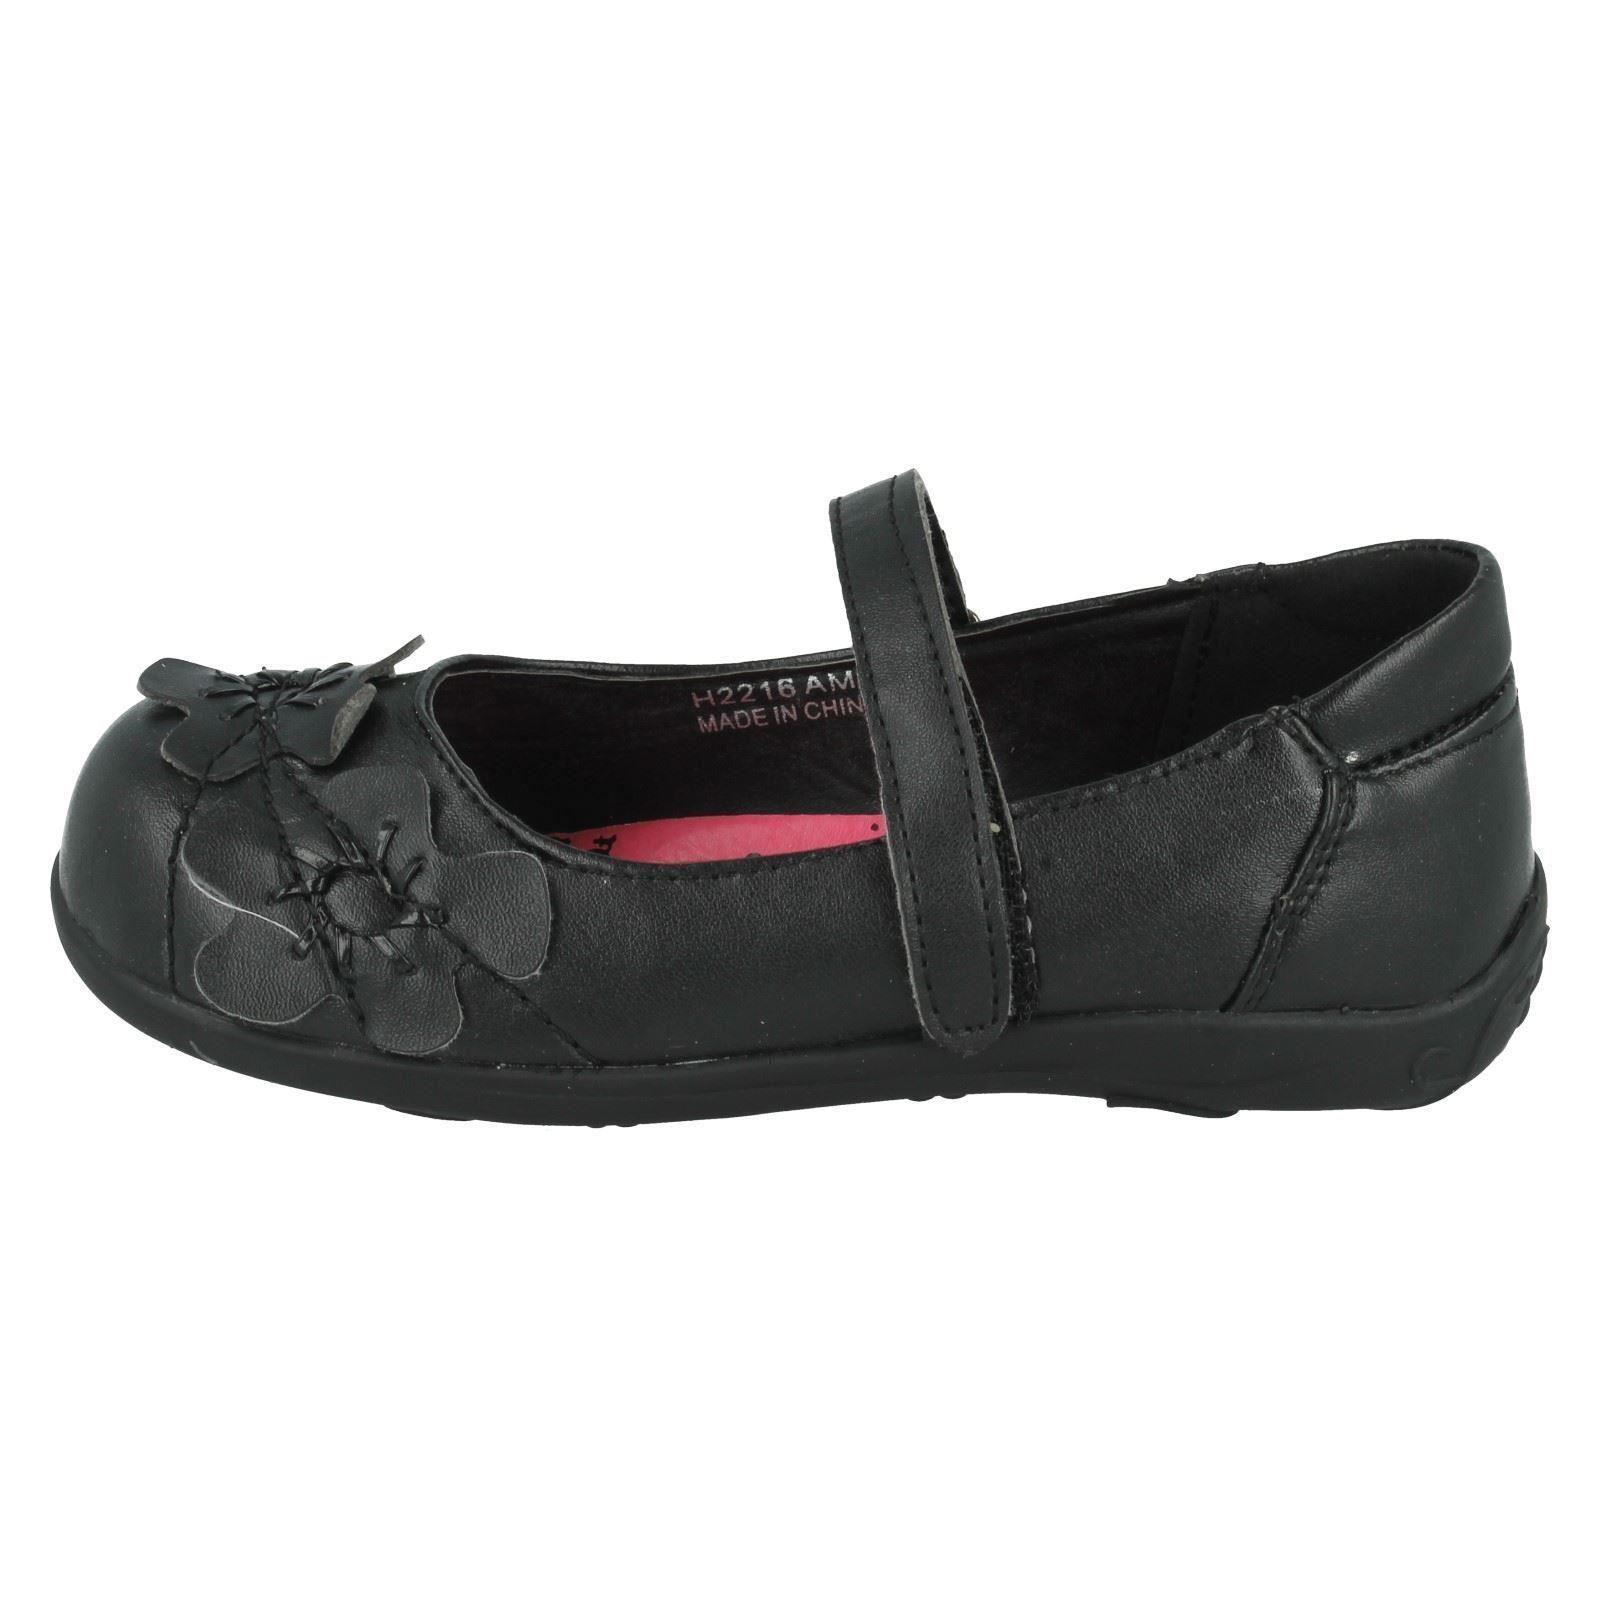 Chicas Monina Qt Zapatos el estilo-h2216